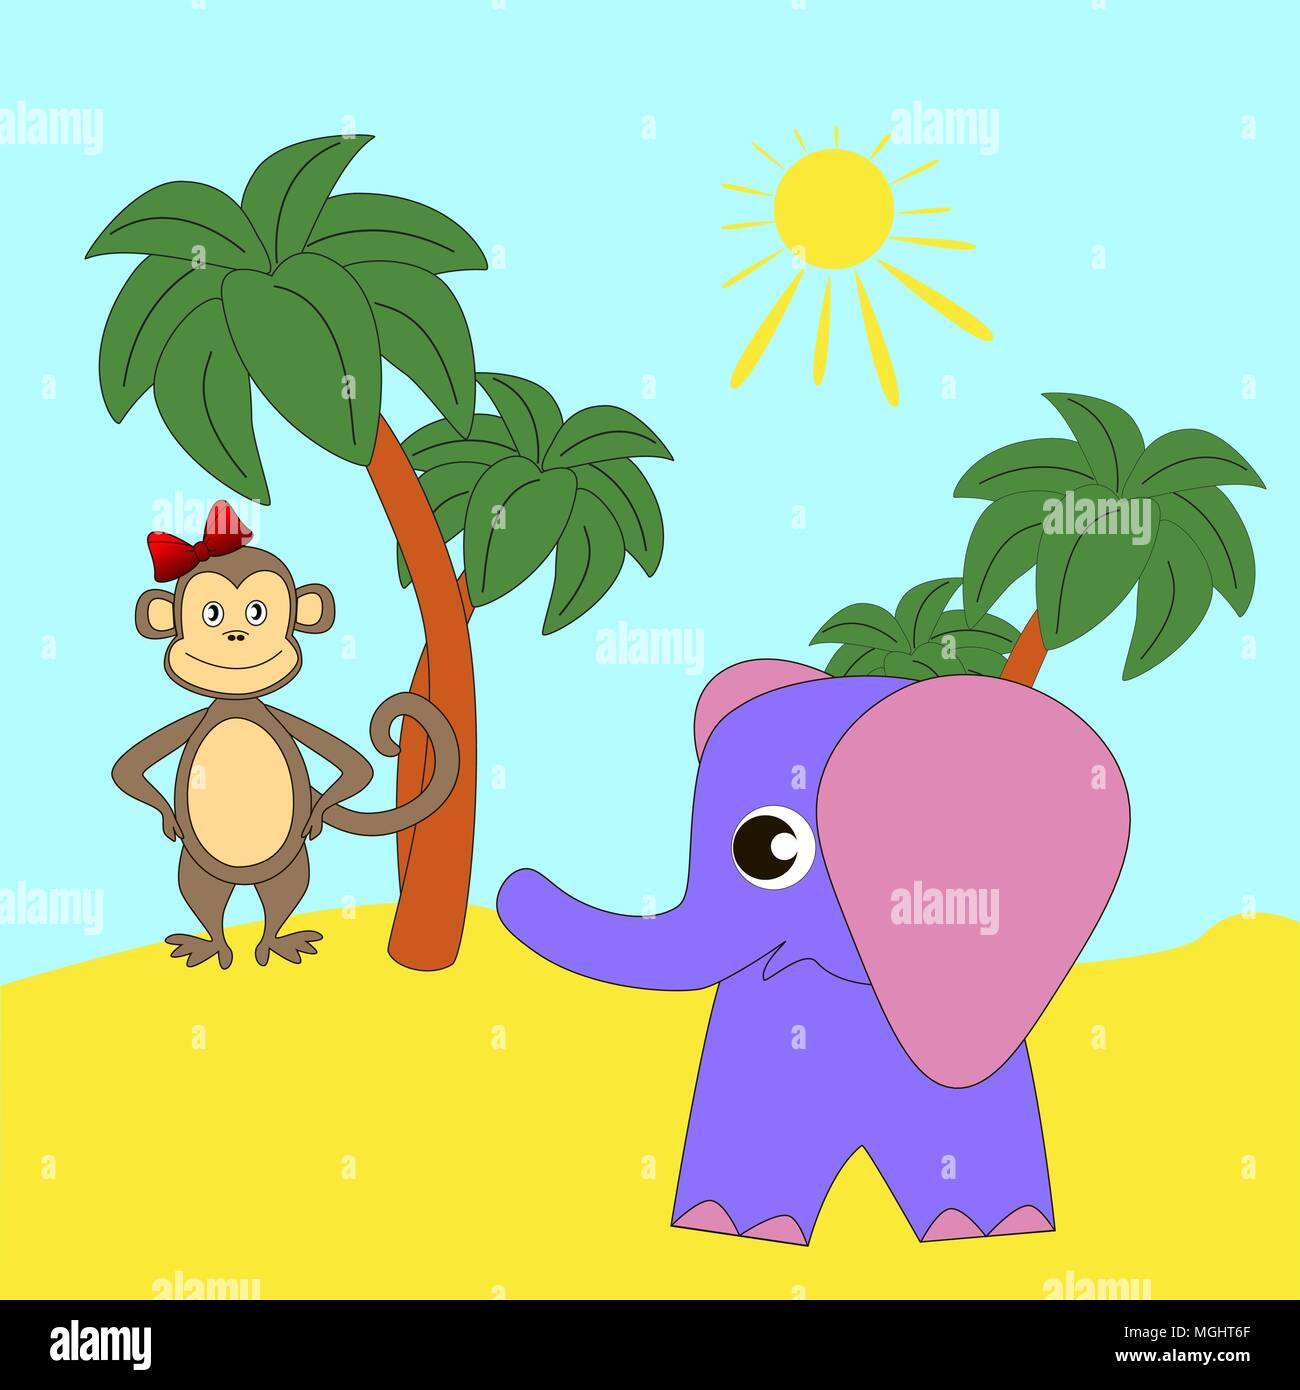 Надписью, слон и мартышка смешные картинки